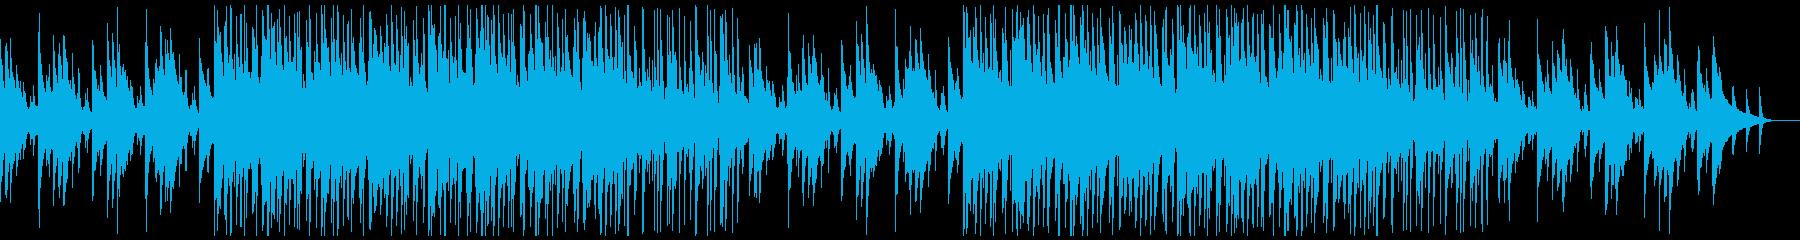 シンプルなエレキギターのヒップホップの再生済みの波形